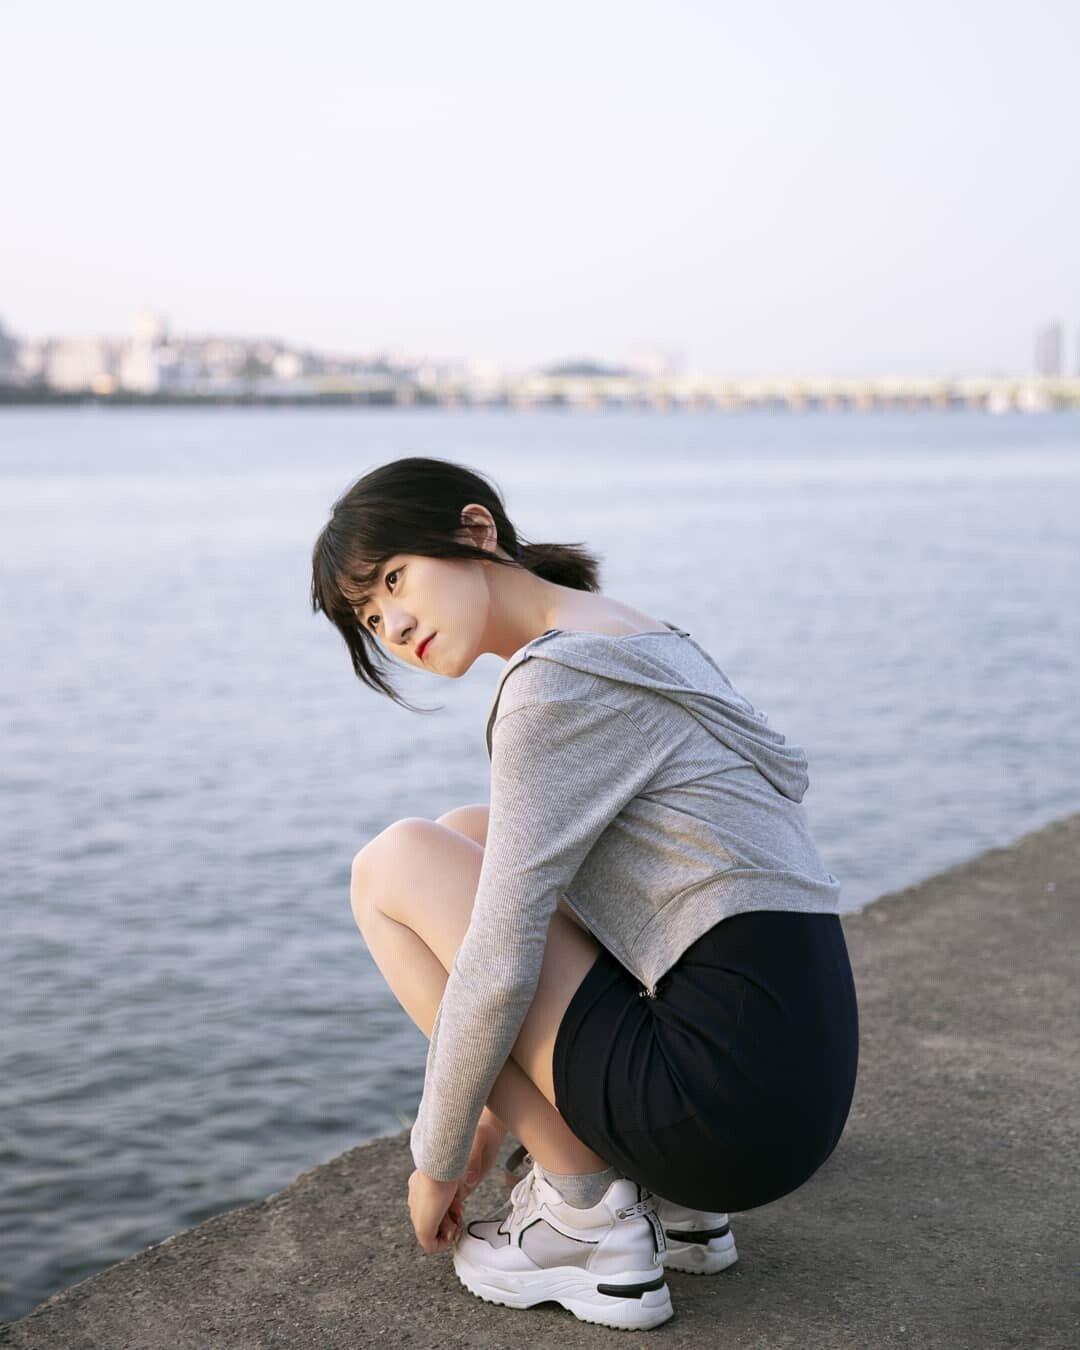 나리_ (164).jpg (ㅇㅎ) 한국 모델겸 코스프레어.jpg